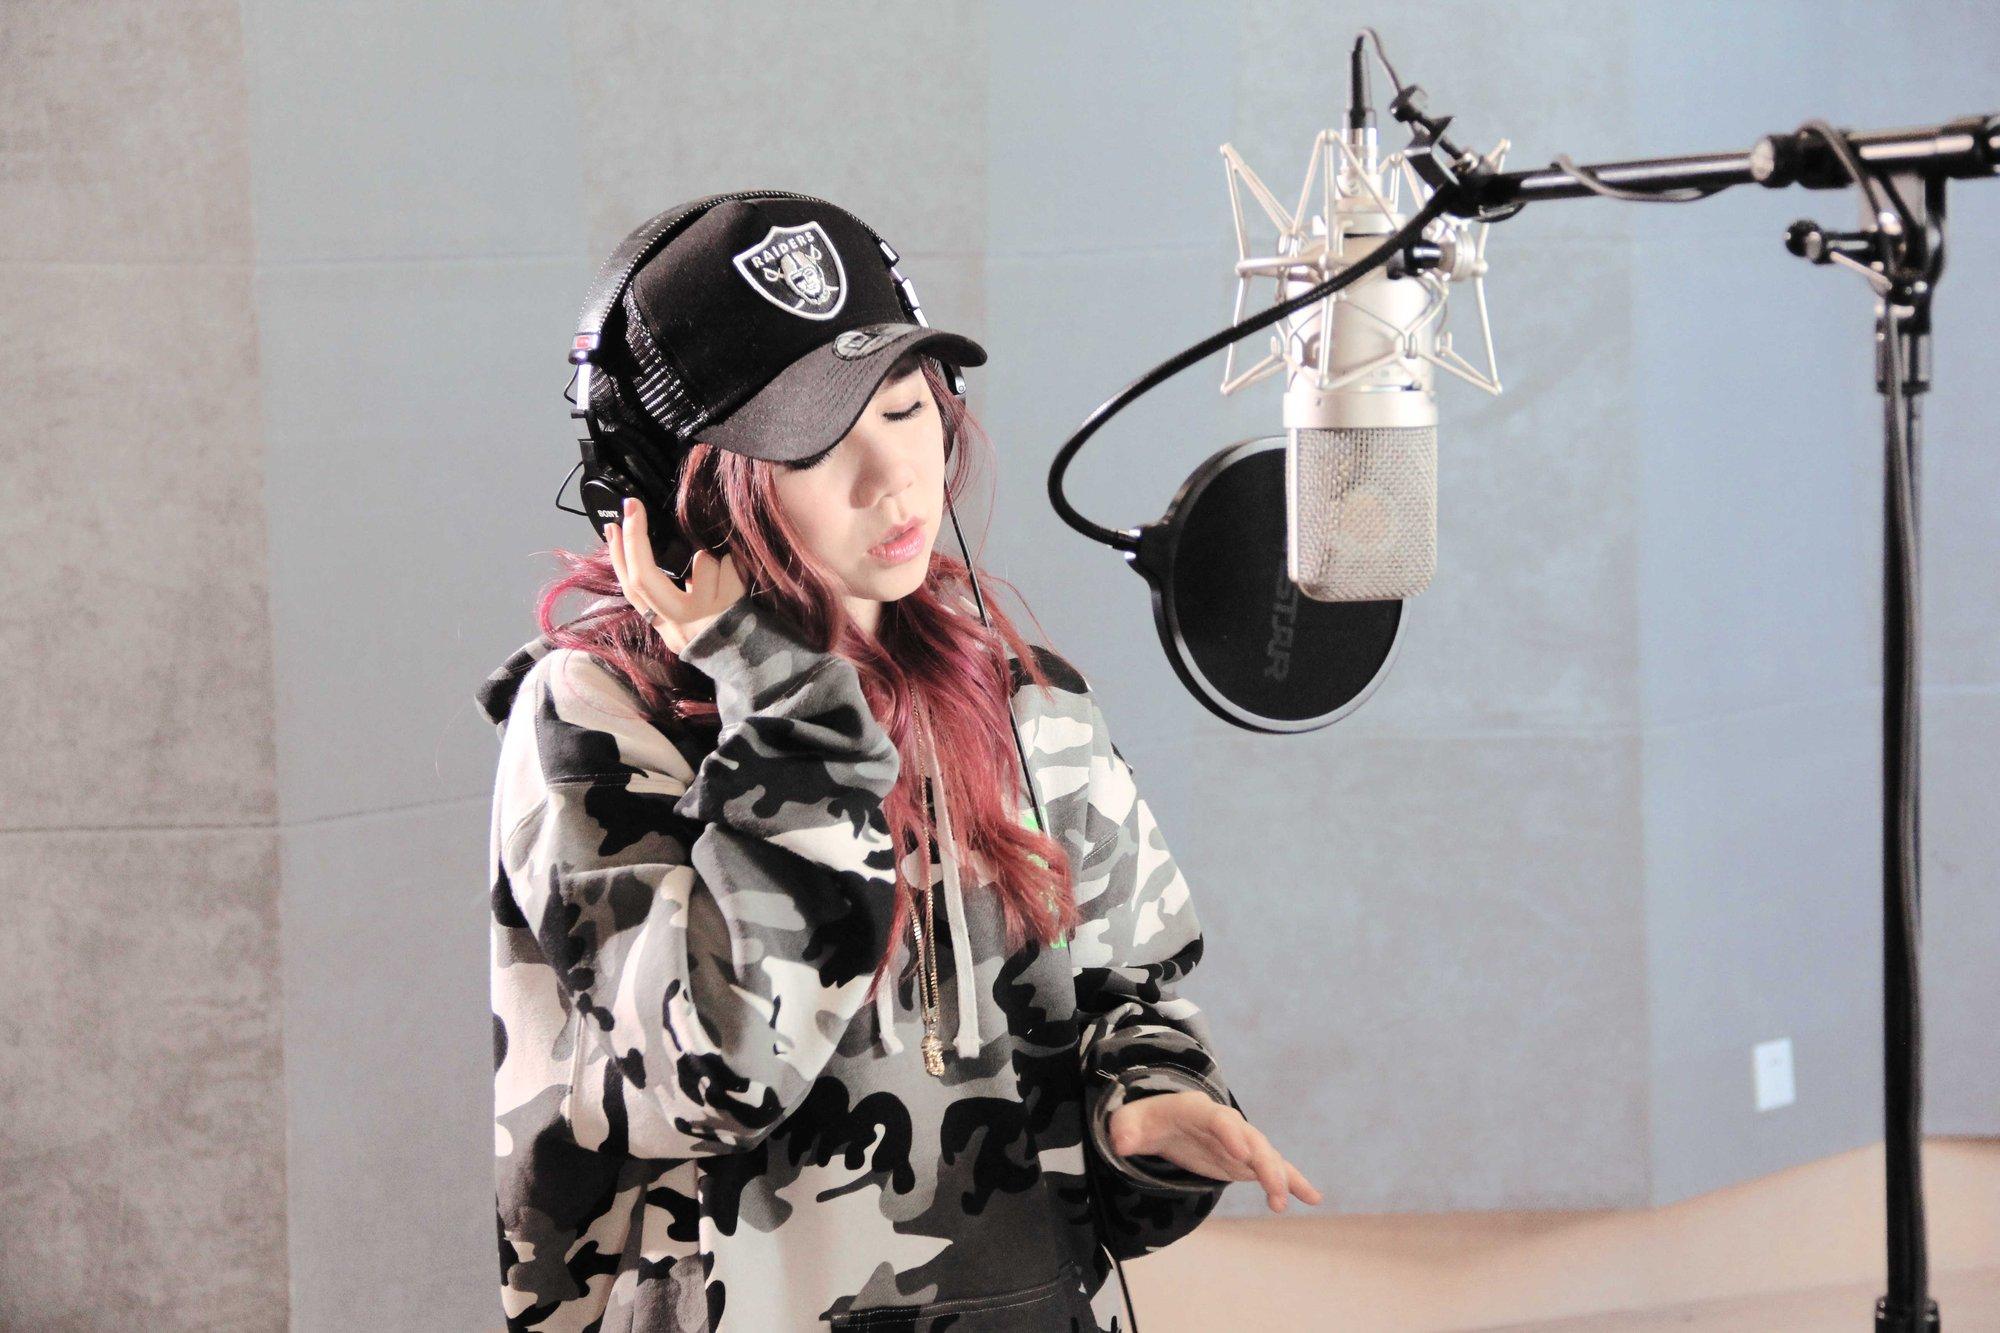 交响乐团出镜 邓紫棋发布 桃花诺 MV